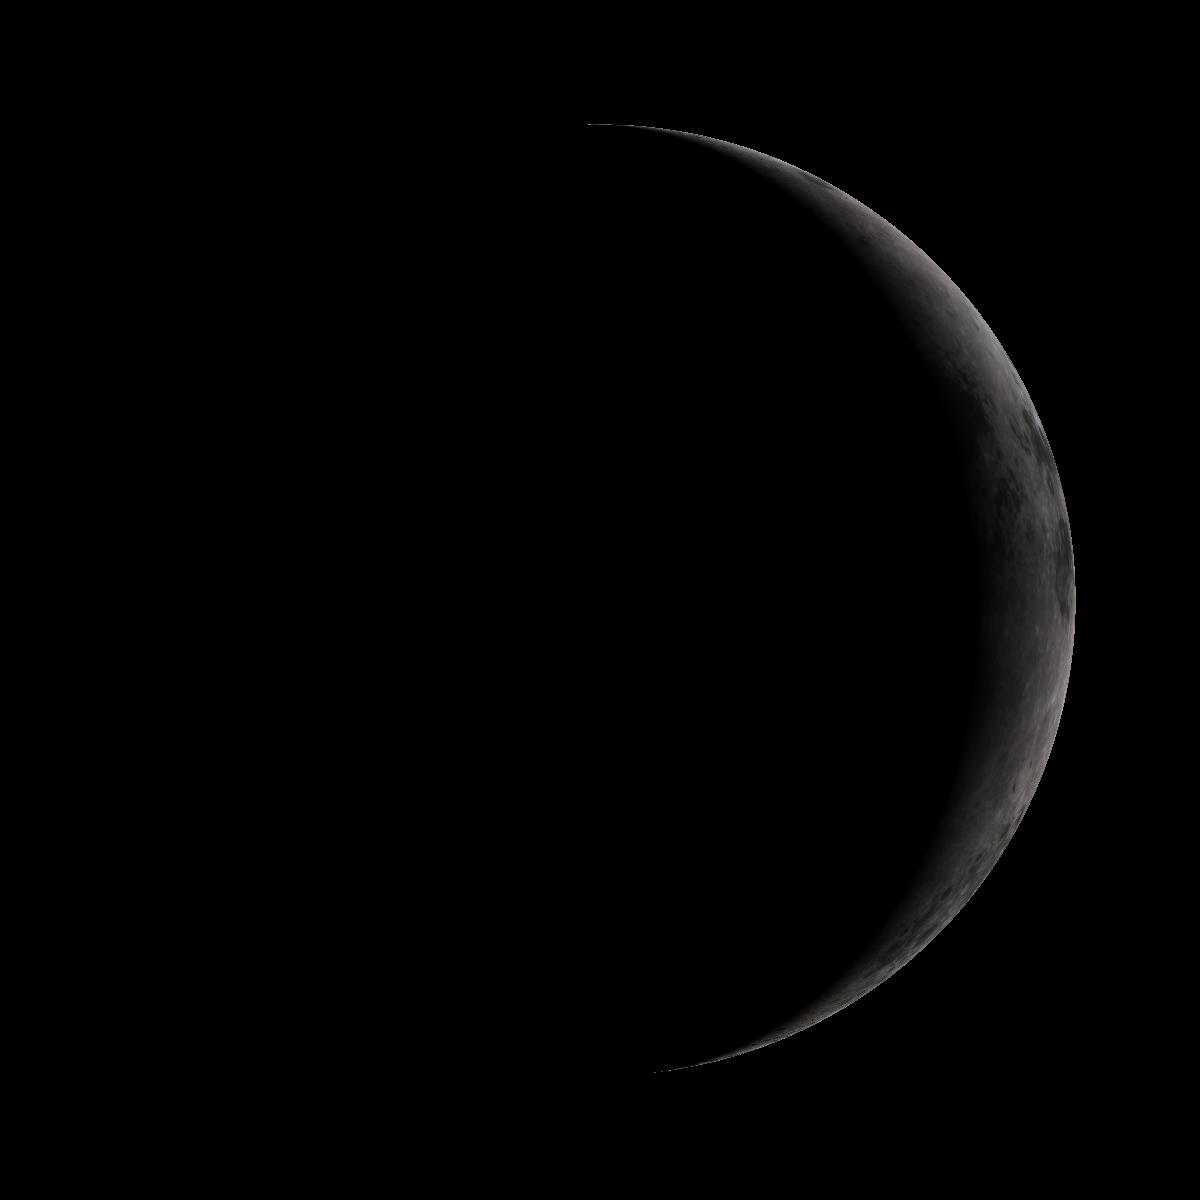 Lune du 31 octobre 2019